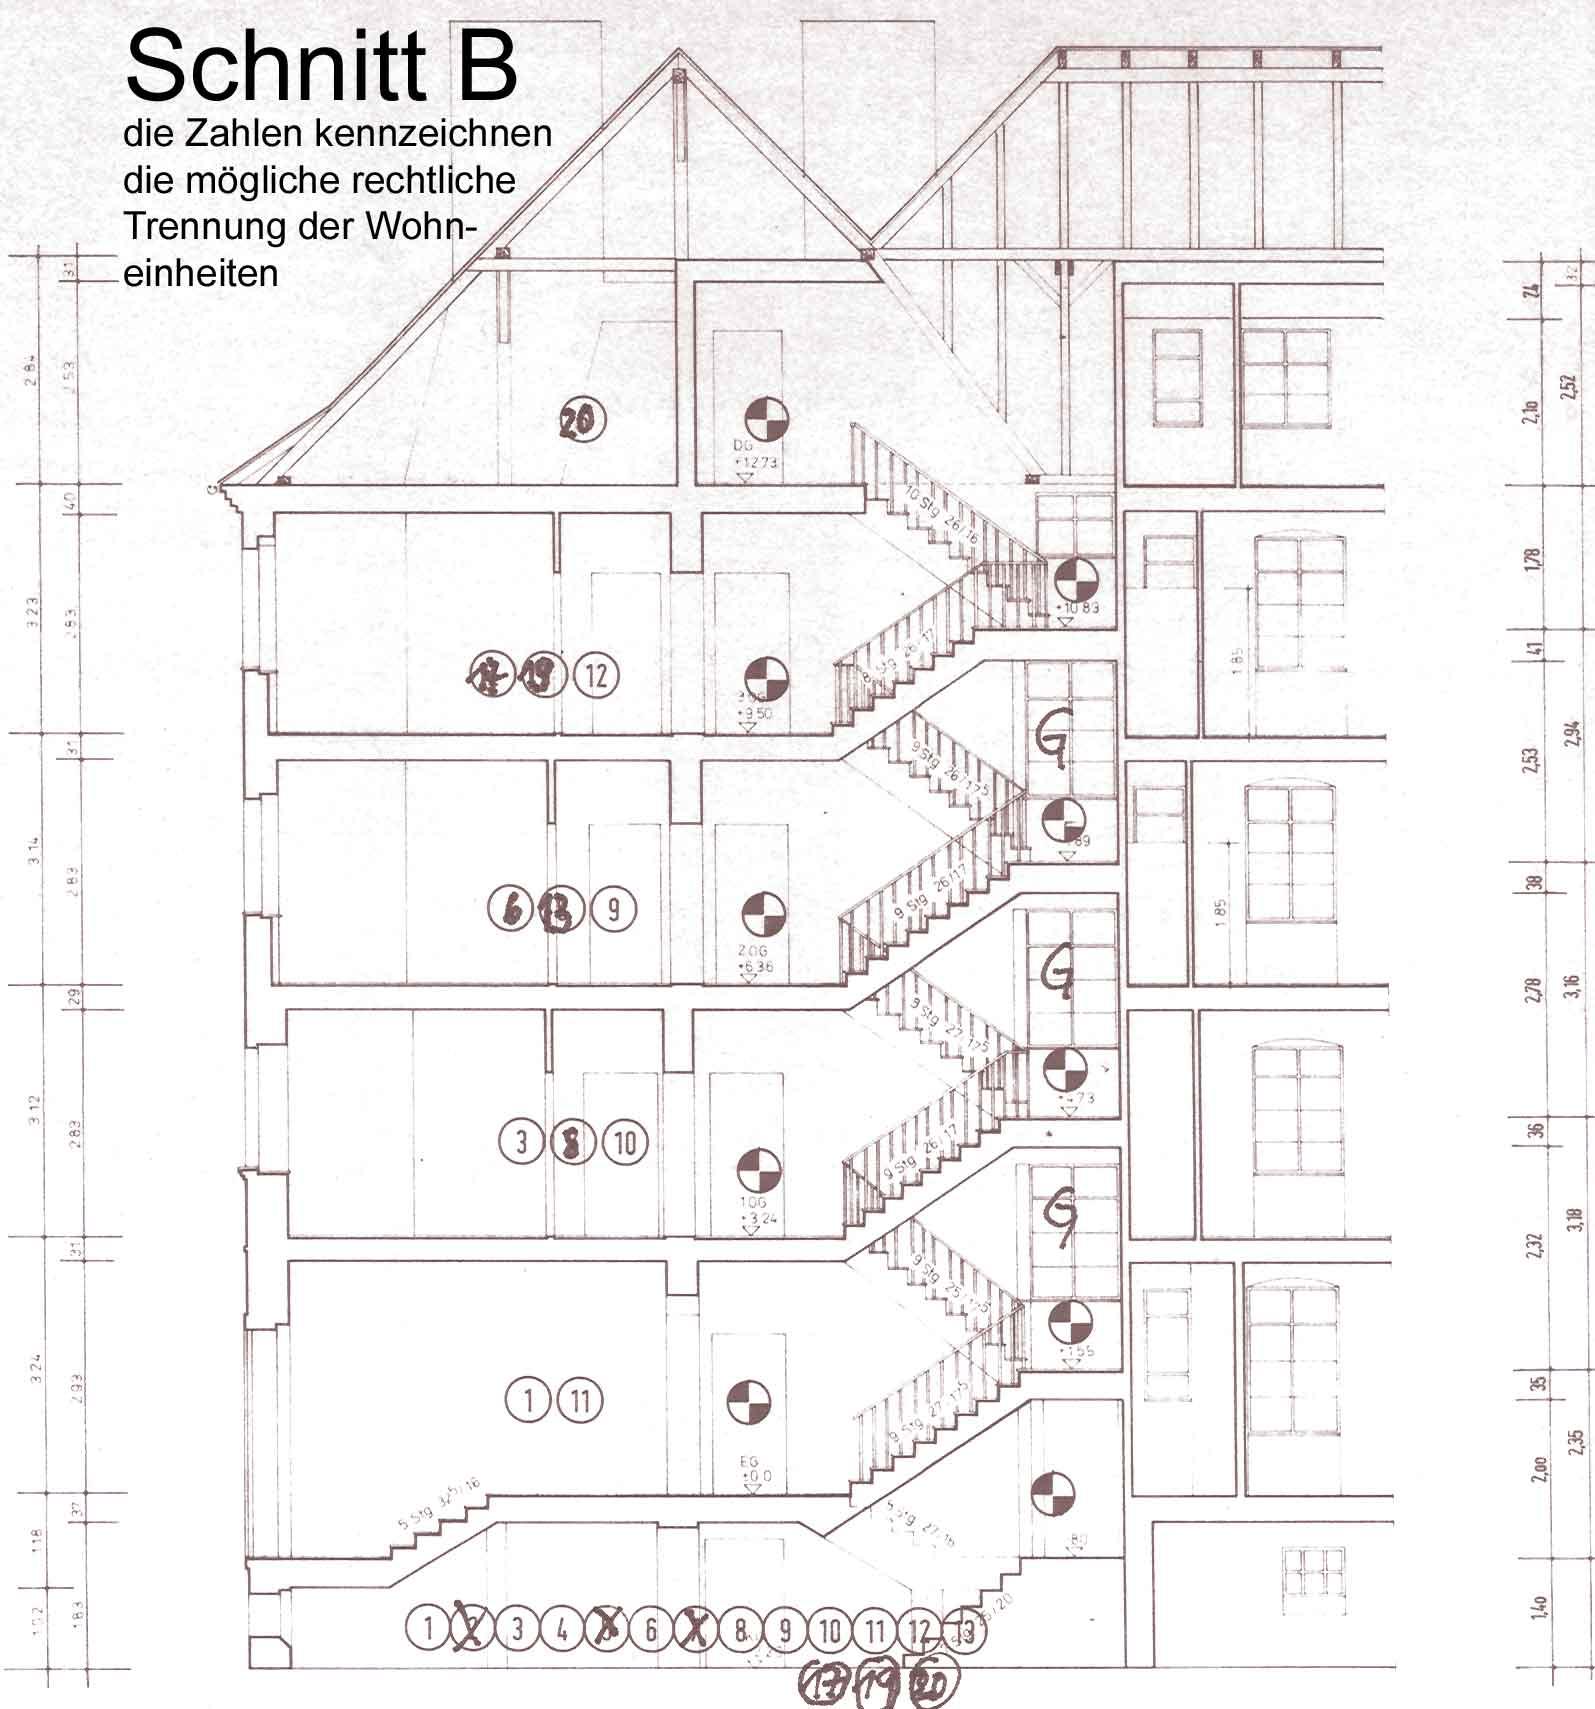 Treppenhaus technische zeichnung  Pläne der verschiedenen Ansichten